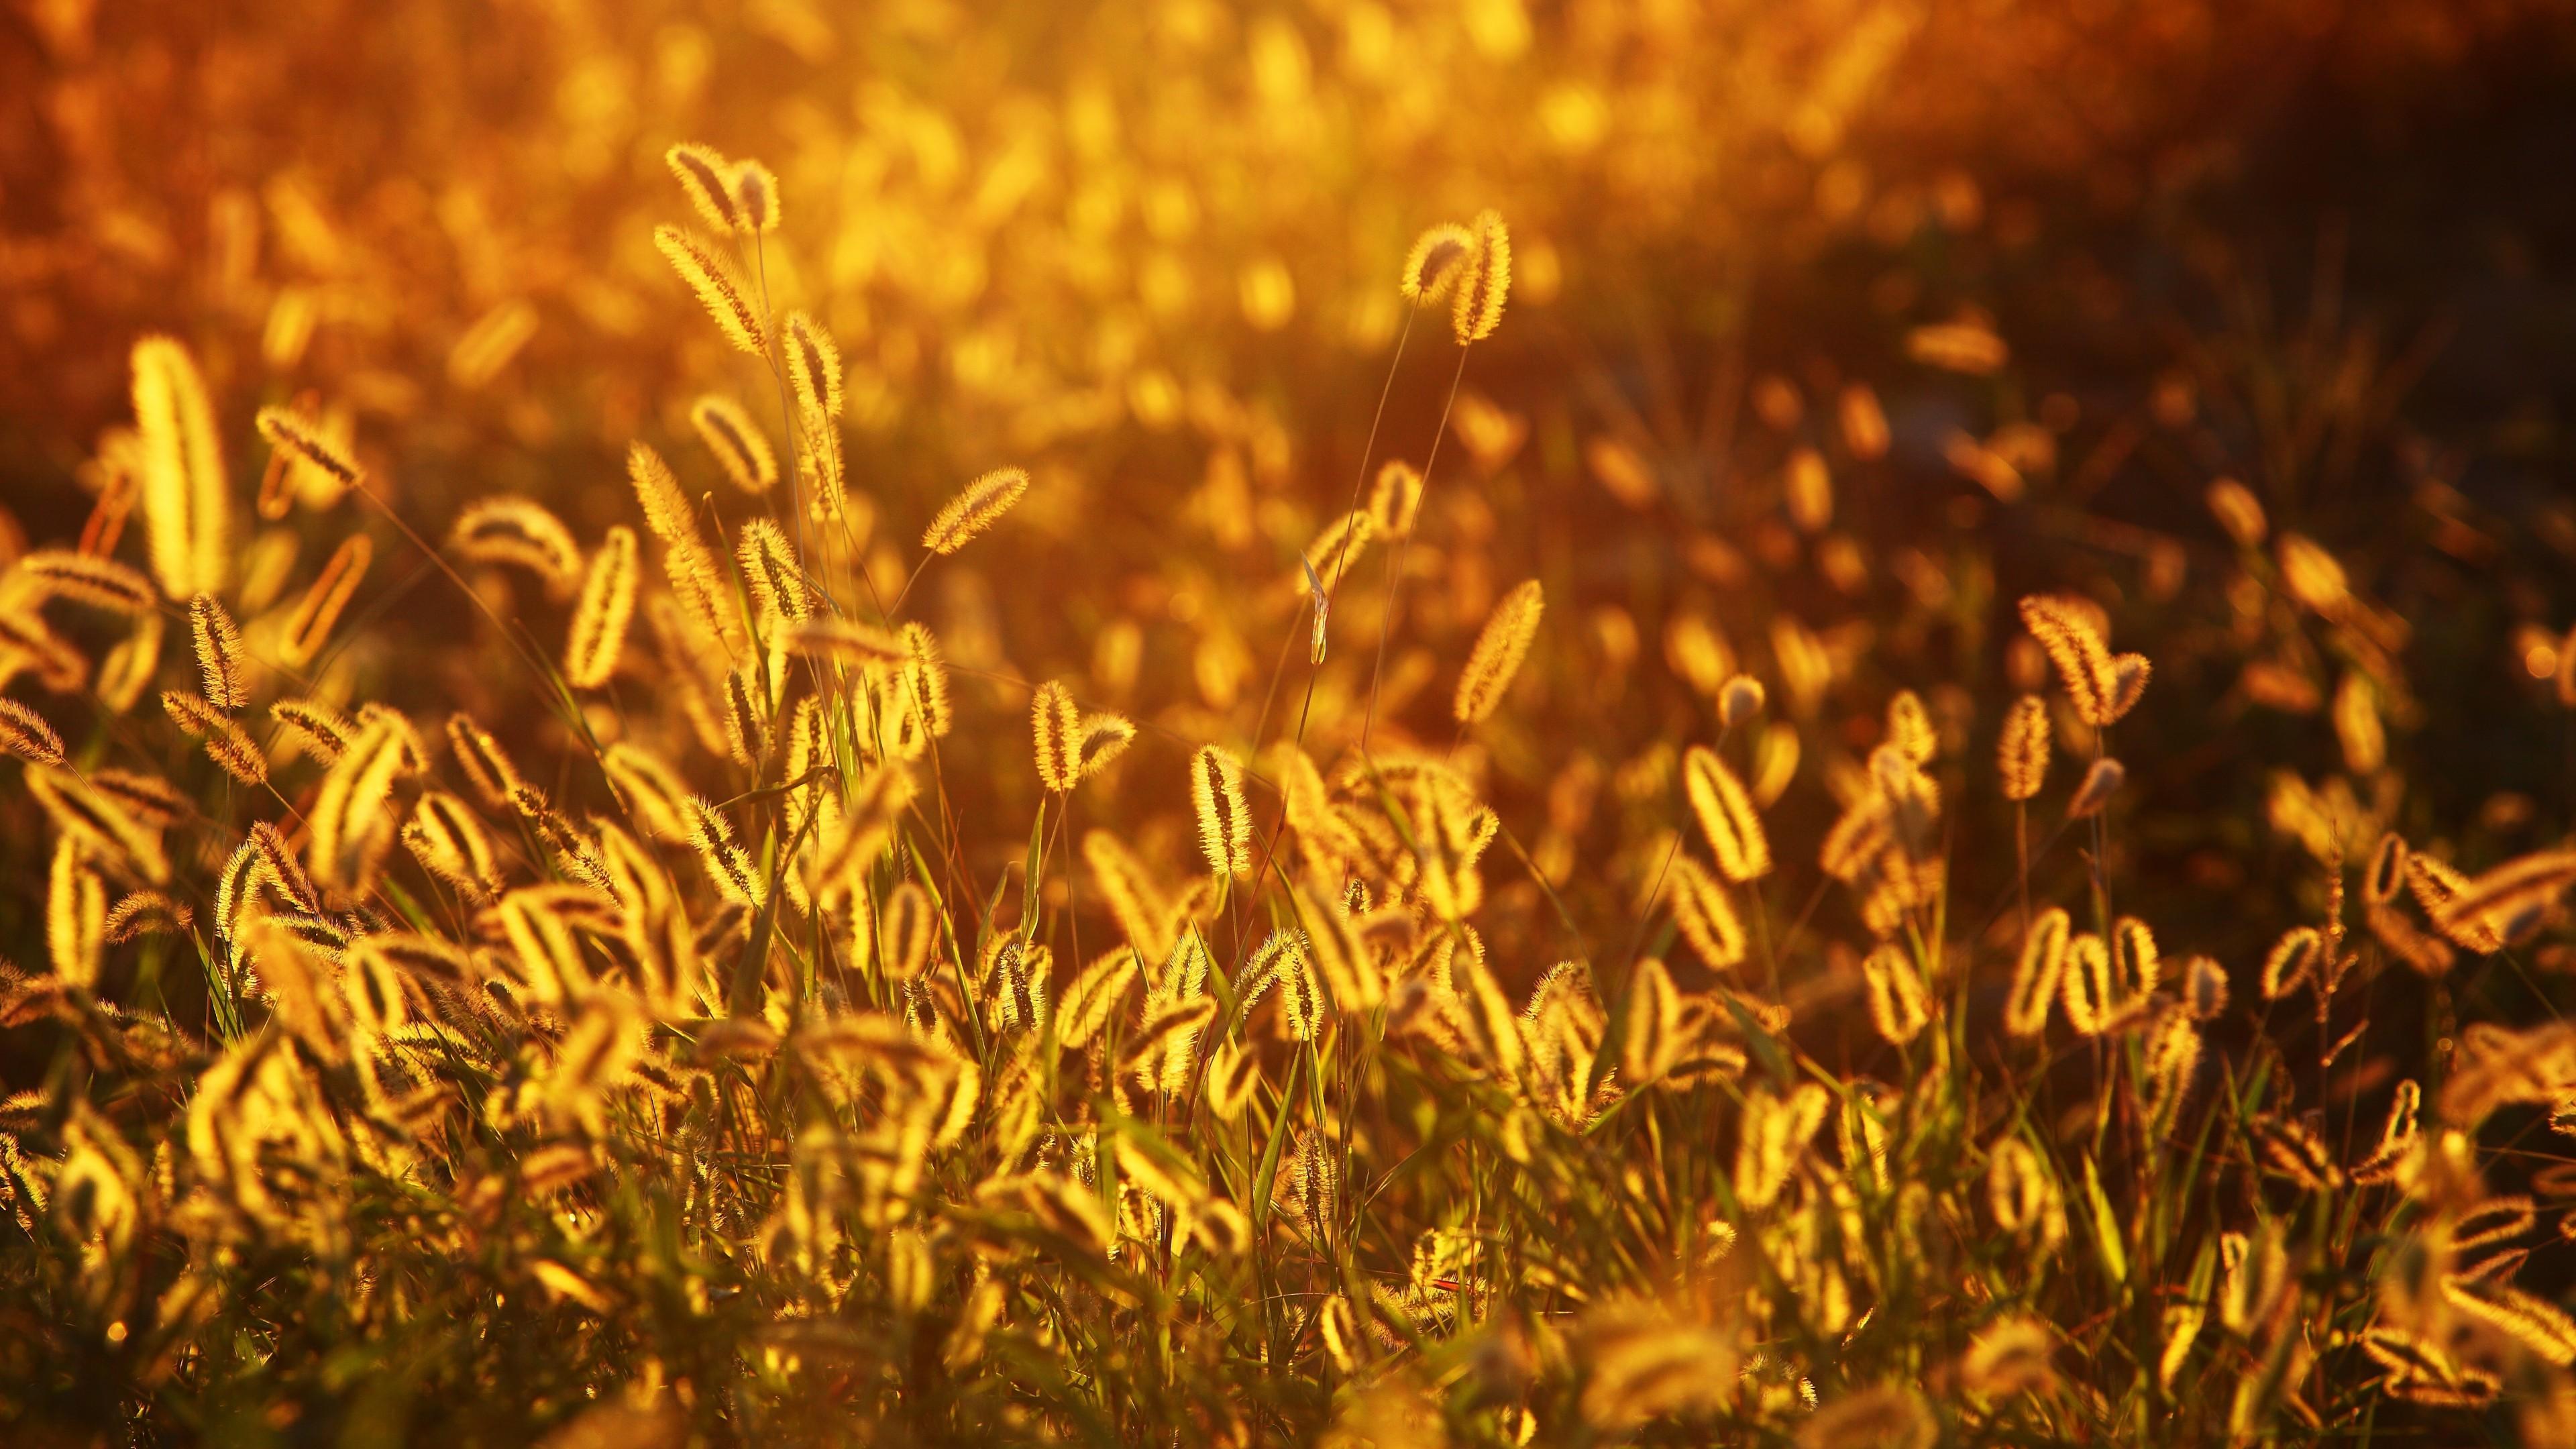 Золотые колоски травы в огненных лучах заката